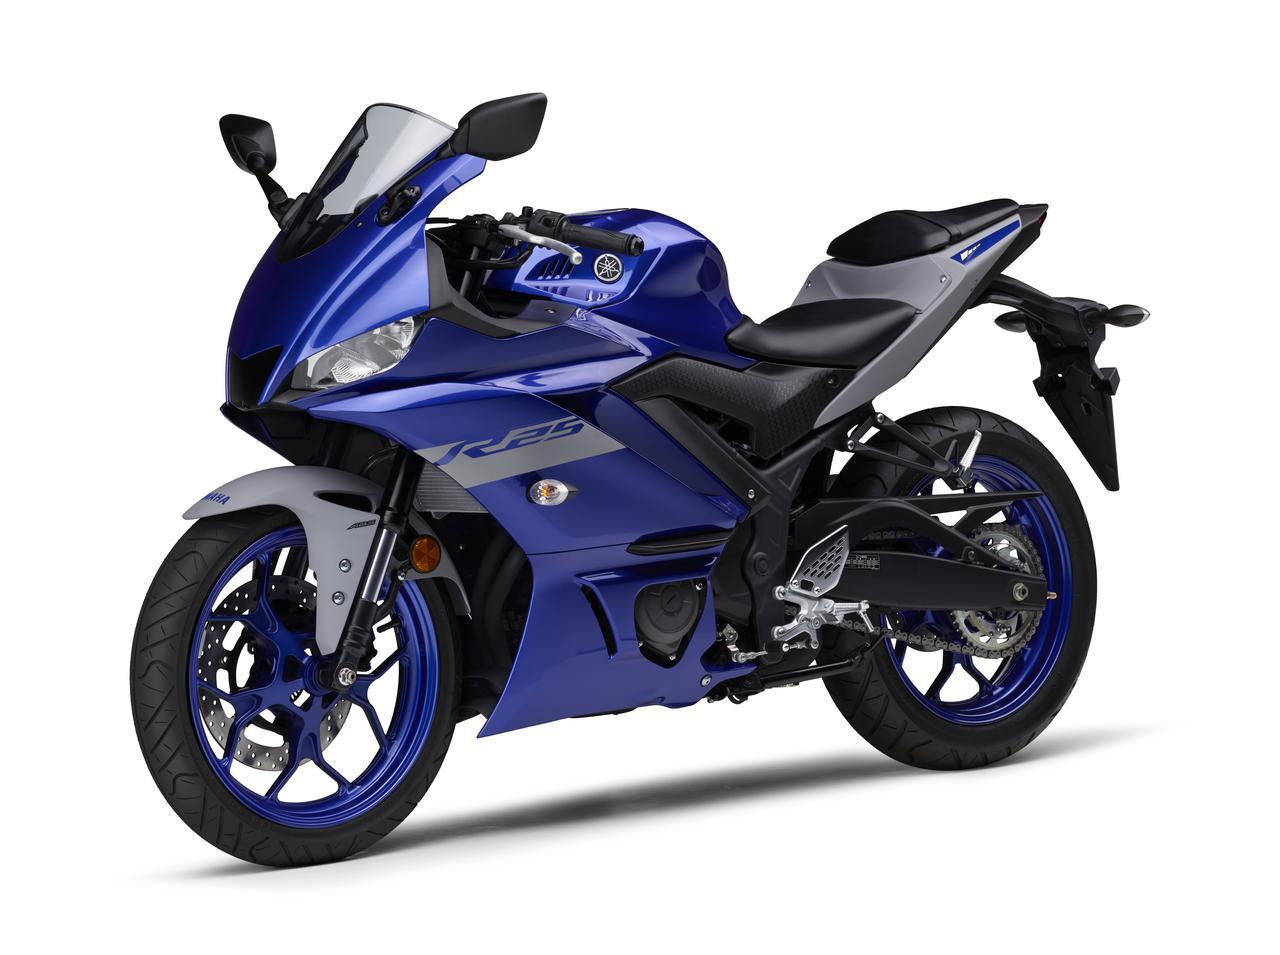 画像14: ヤマハ「YZF-R25/ABS」「YZF-R3 ABS」の2020年モデルが2月14日(金)発売! 3色展開で、すべてニューカラー!